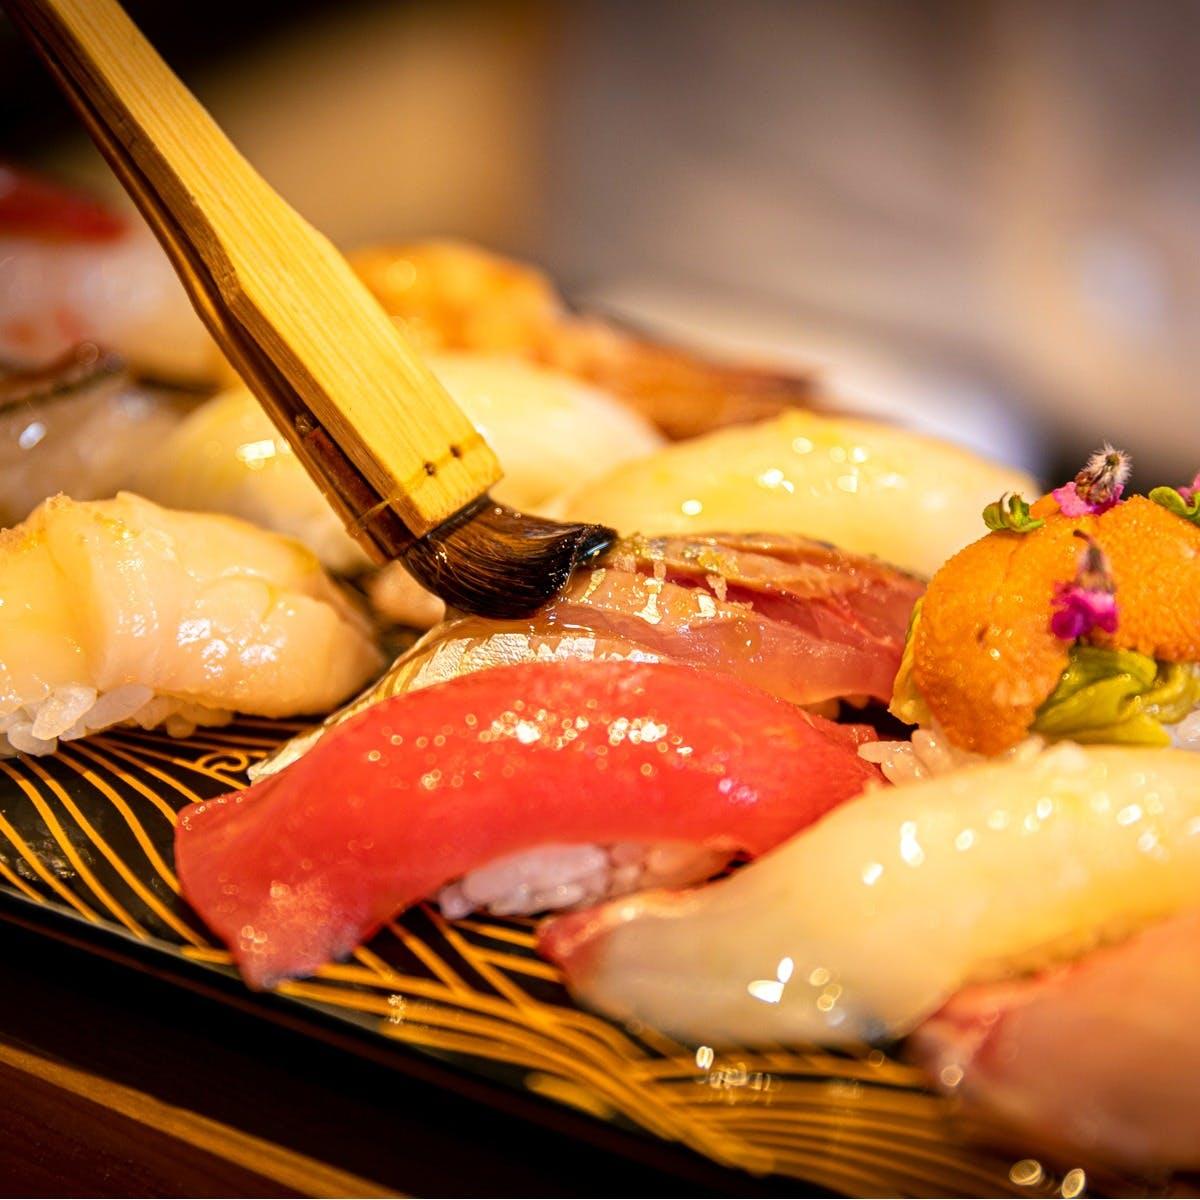 各国のオイルと塩で食べる寿司「オイル寿し」